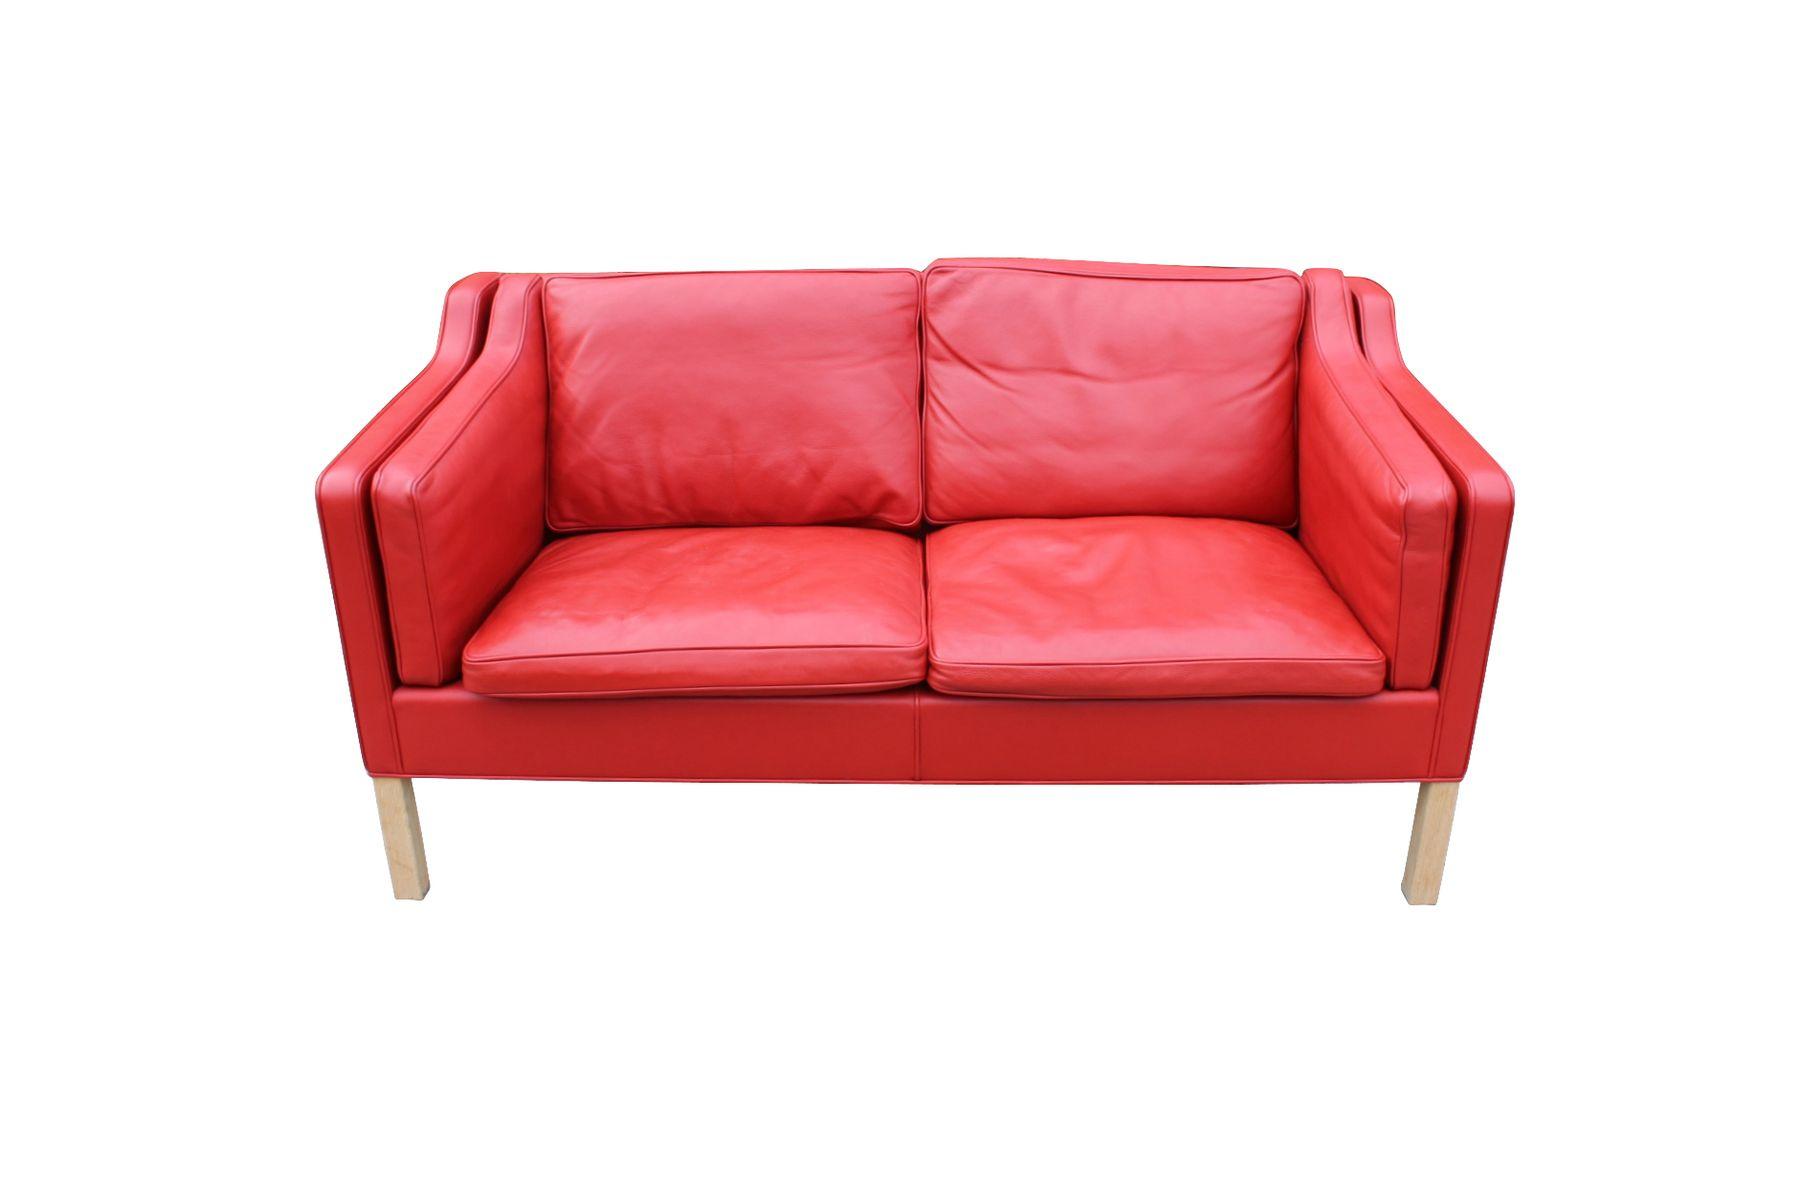 d nisches 2212 zwei sitzer sofa von b rge mogensen f r fredericia furniture 1980er bei pamono. Black Bedroom Furniture Sets. Home Design Ideas